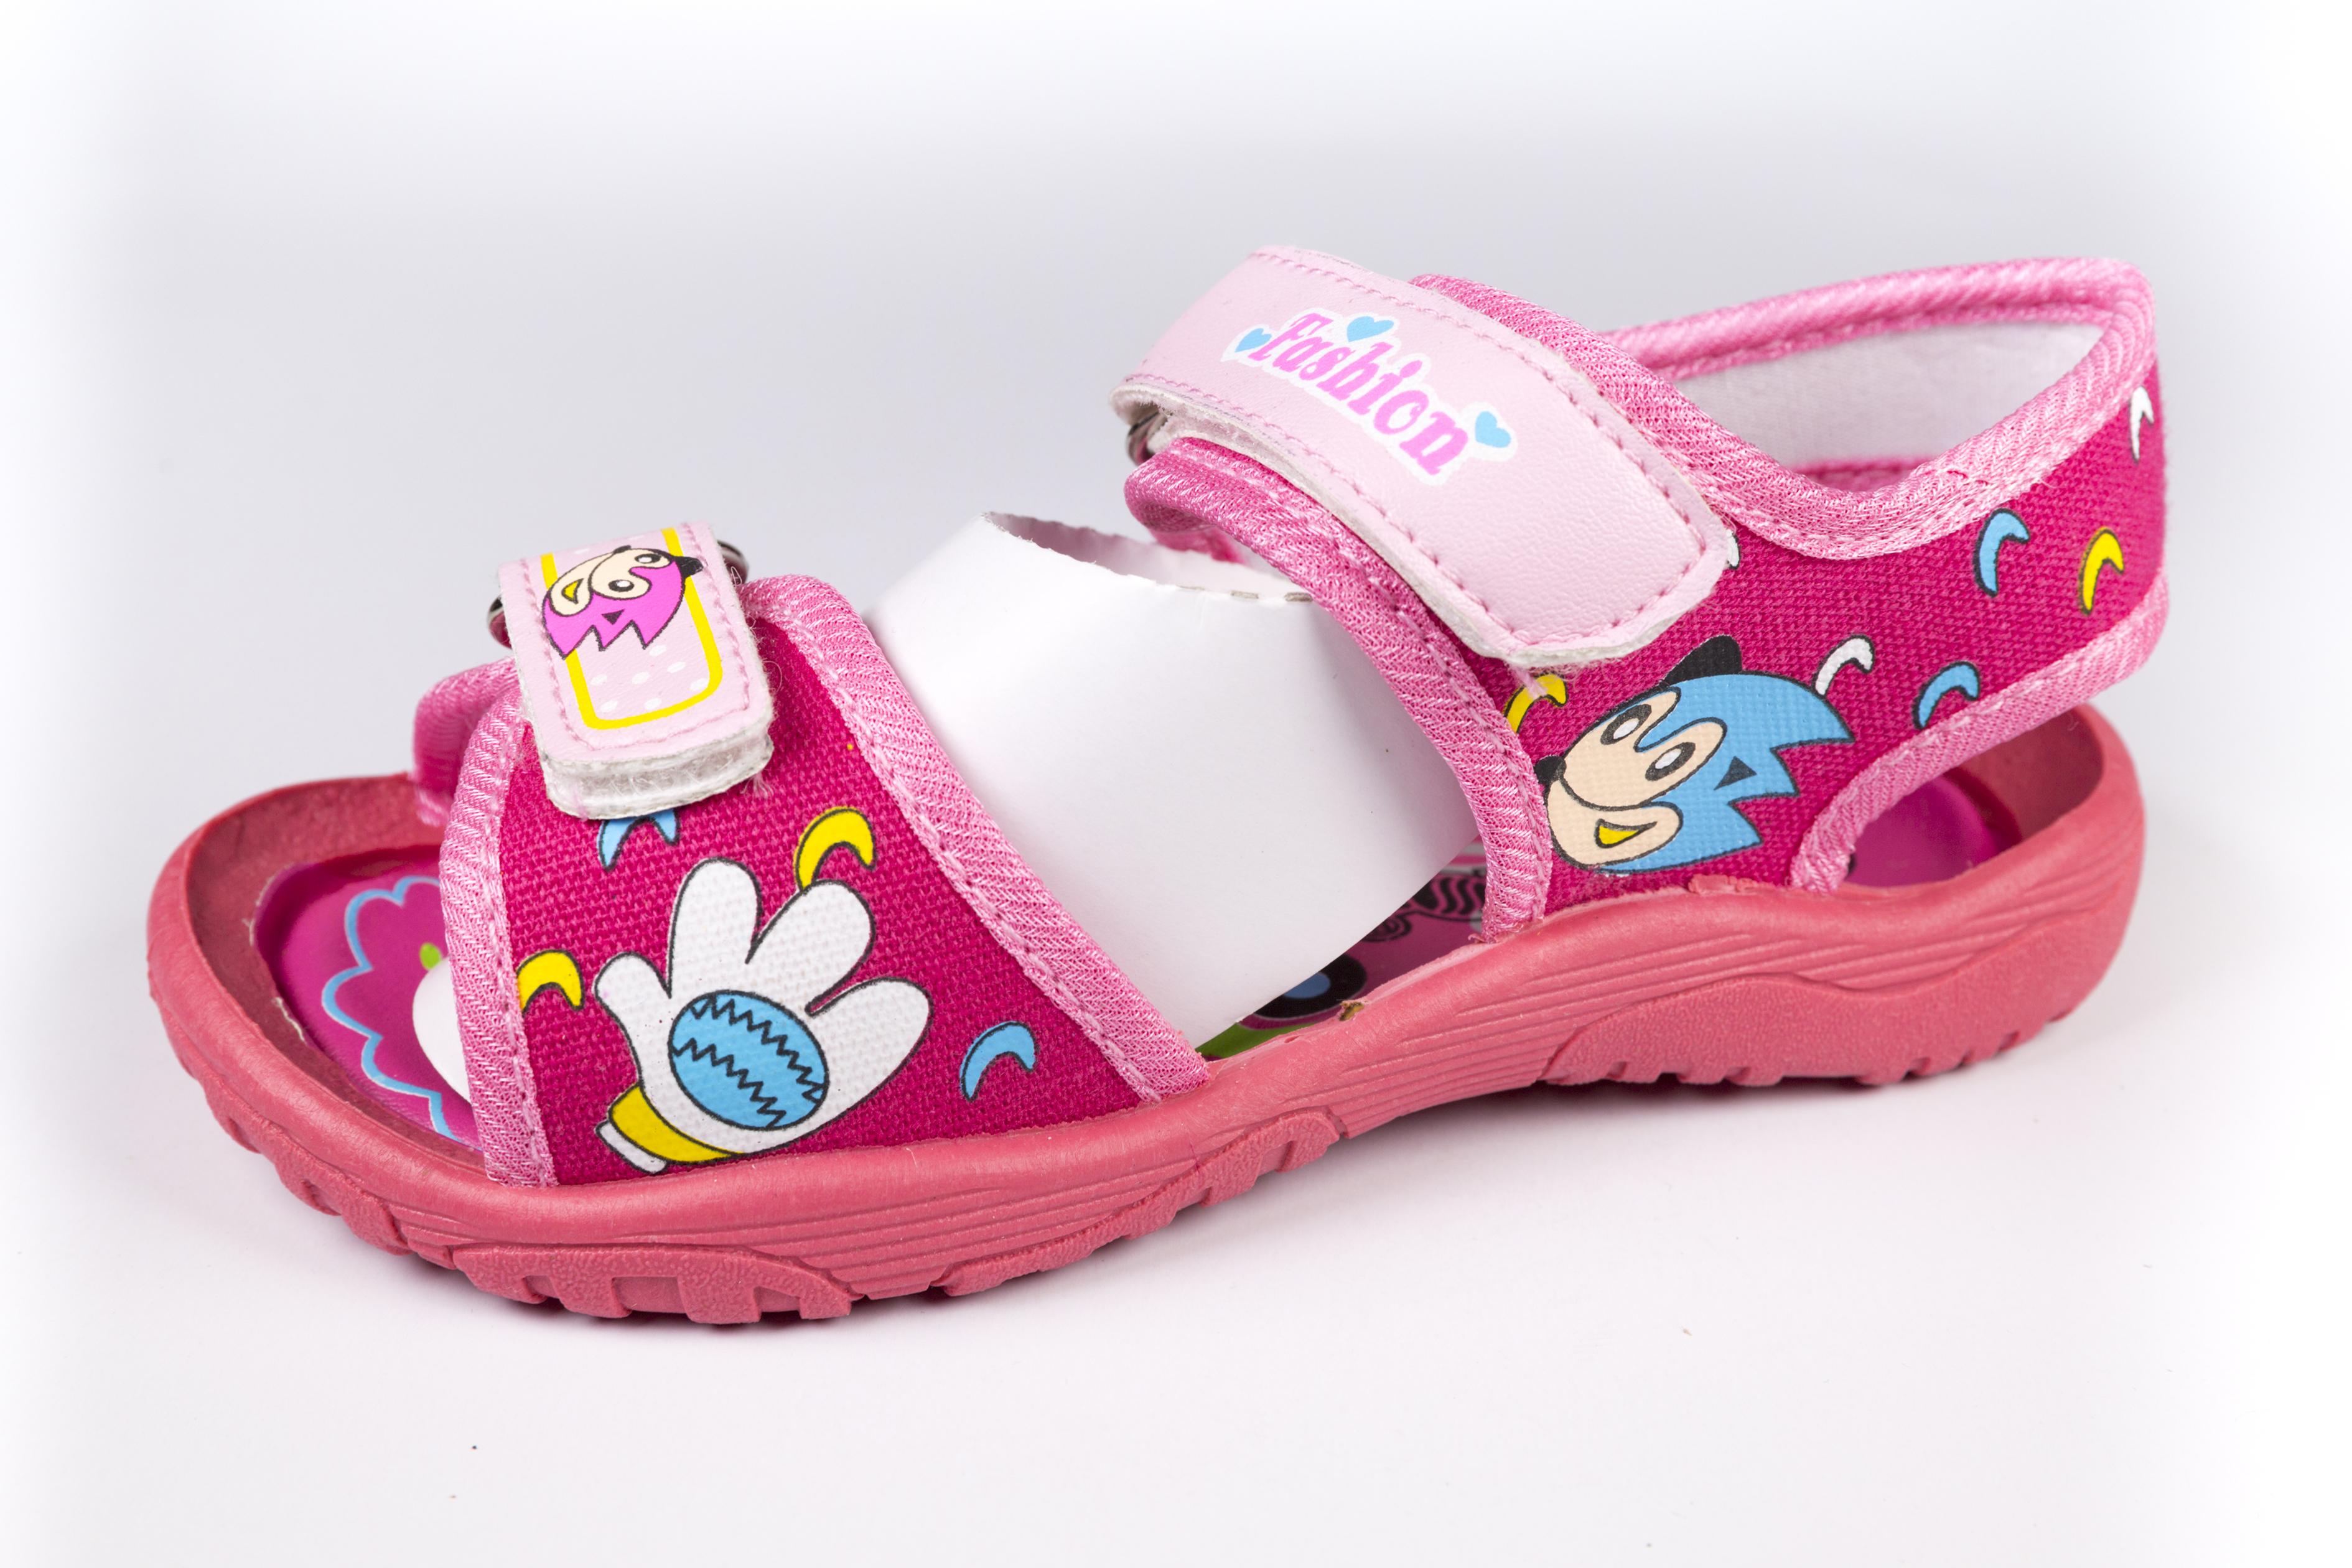 最新款夏季凉鞋 可爱布凉鞋男女童凉鞋批发